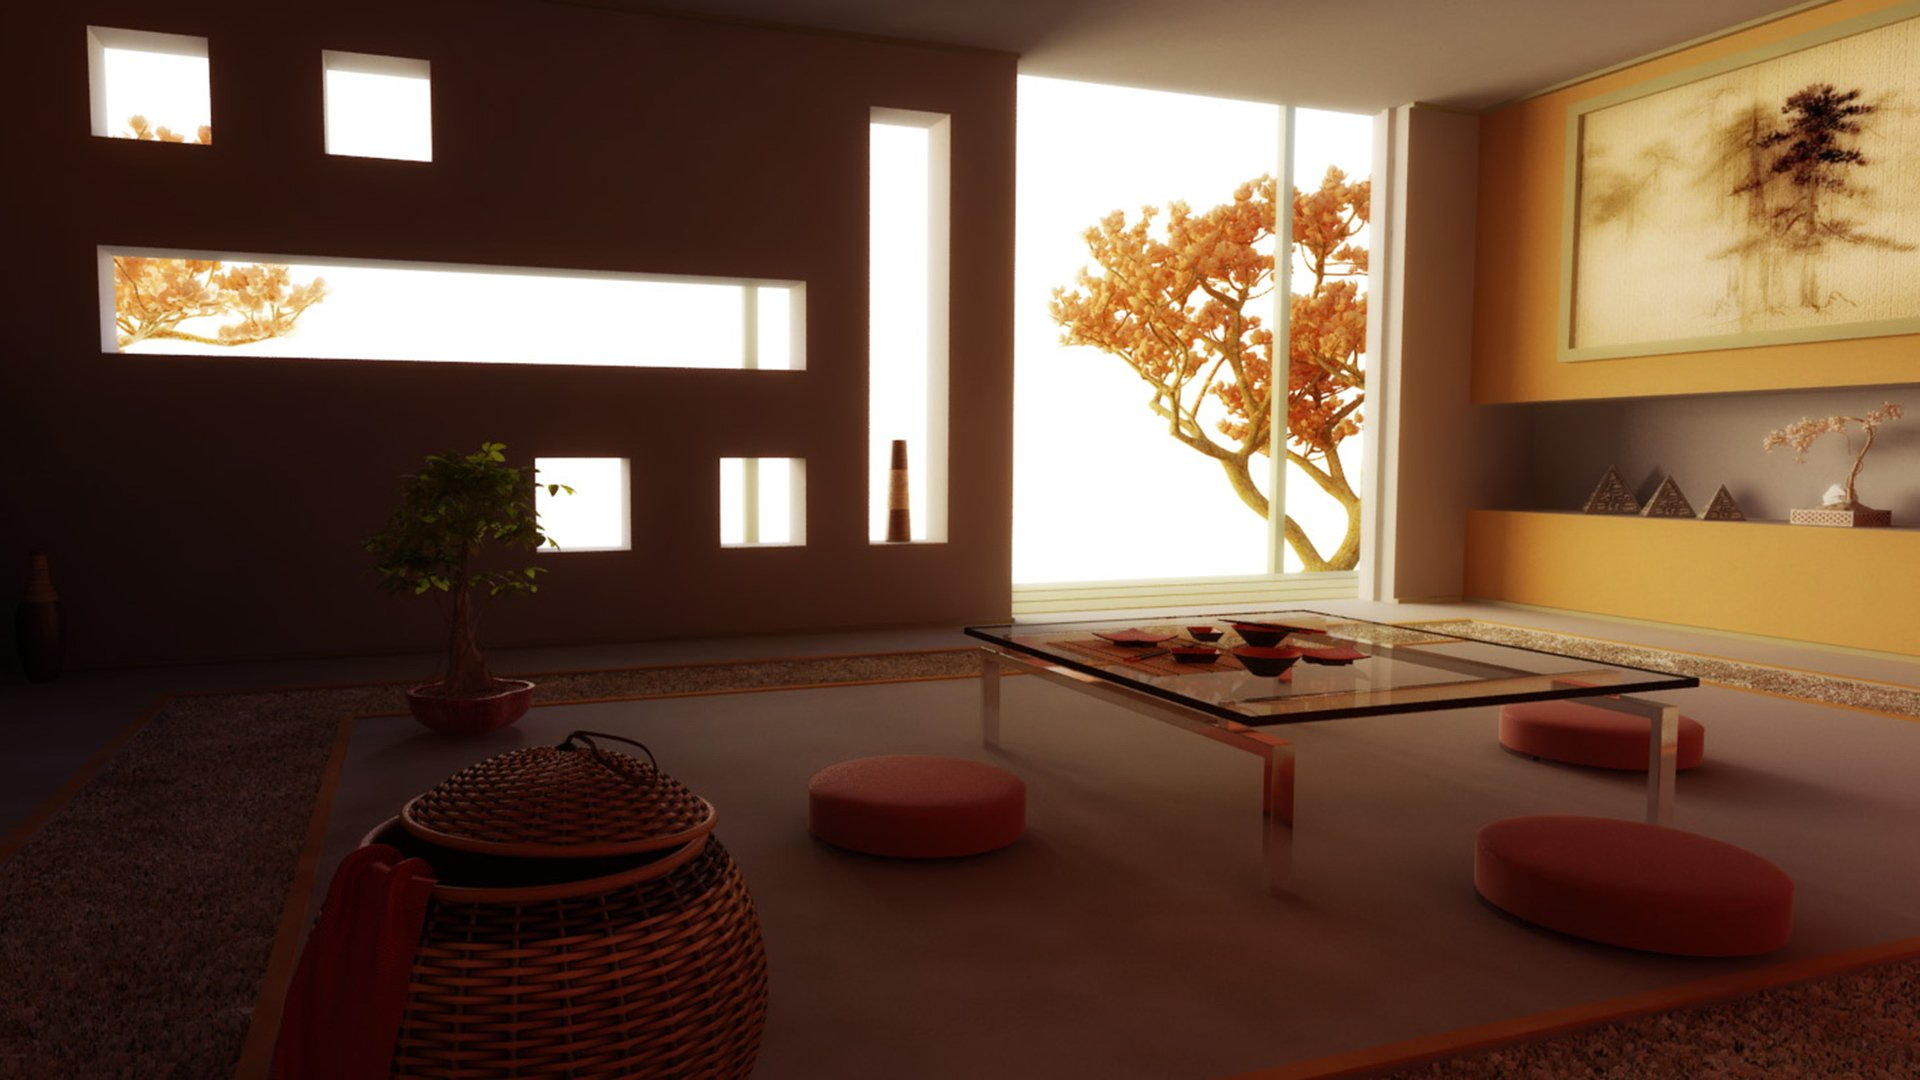 деревья закрывают свет в квартире